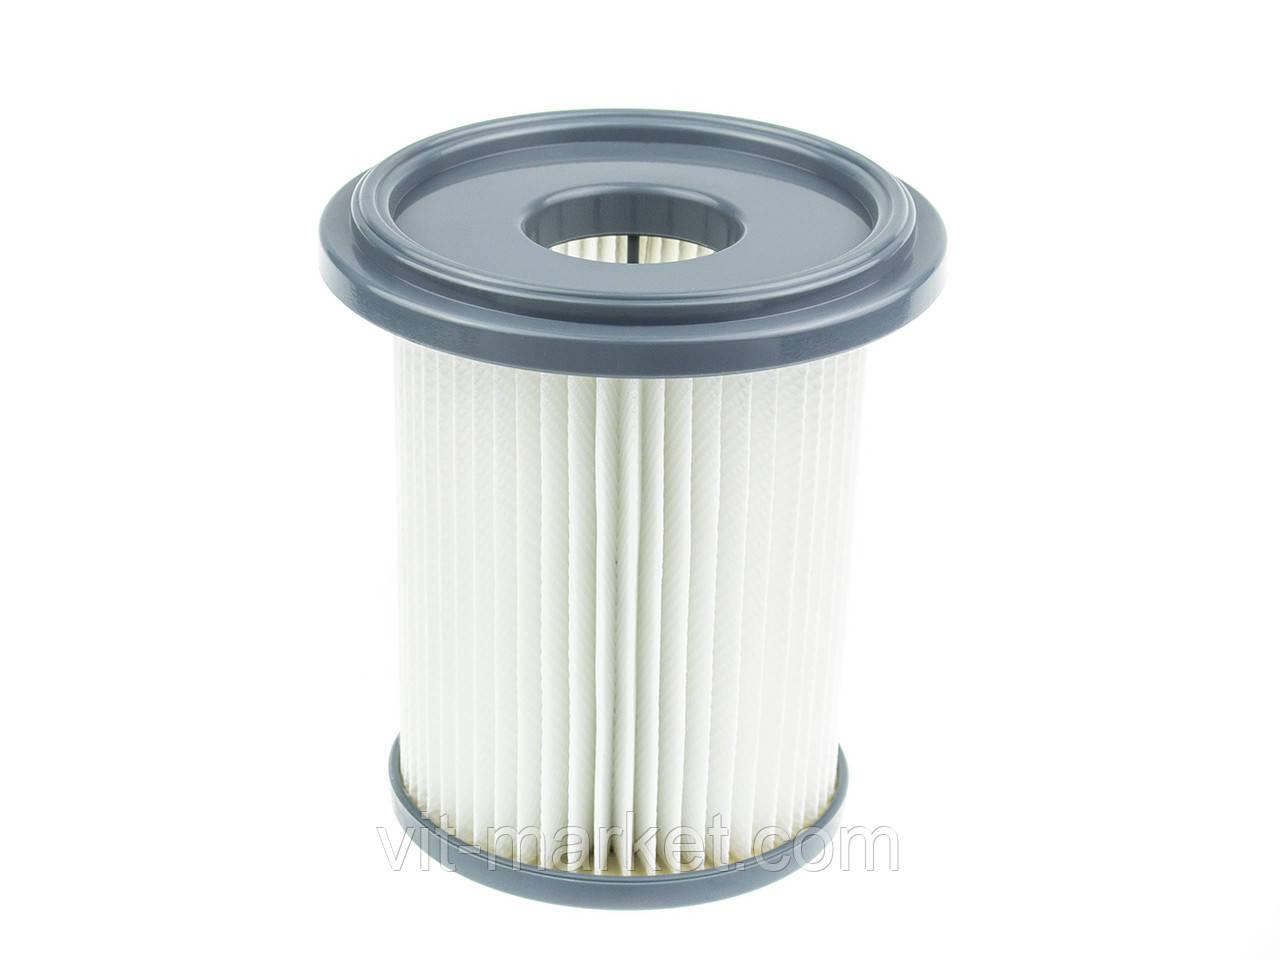 Фильтр DOMPRO для пылесосов Philips код DP13018, 432200493320